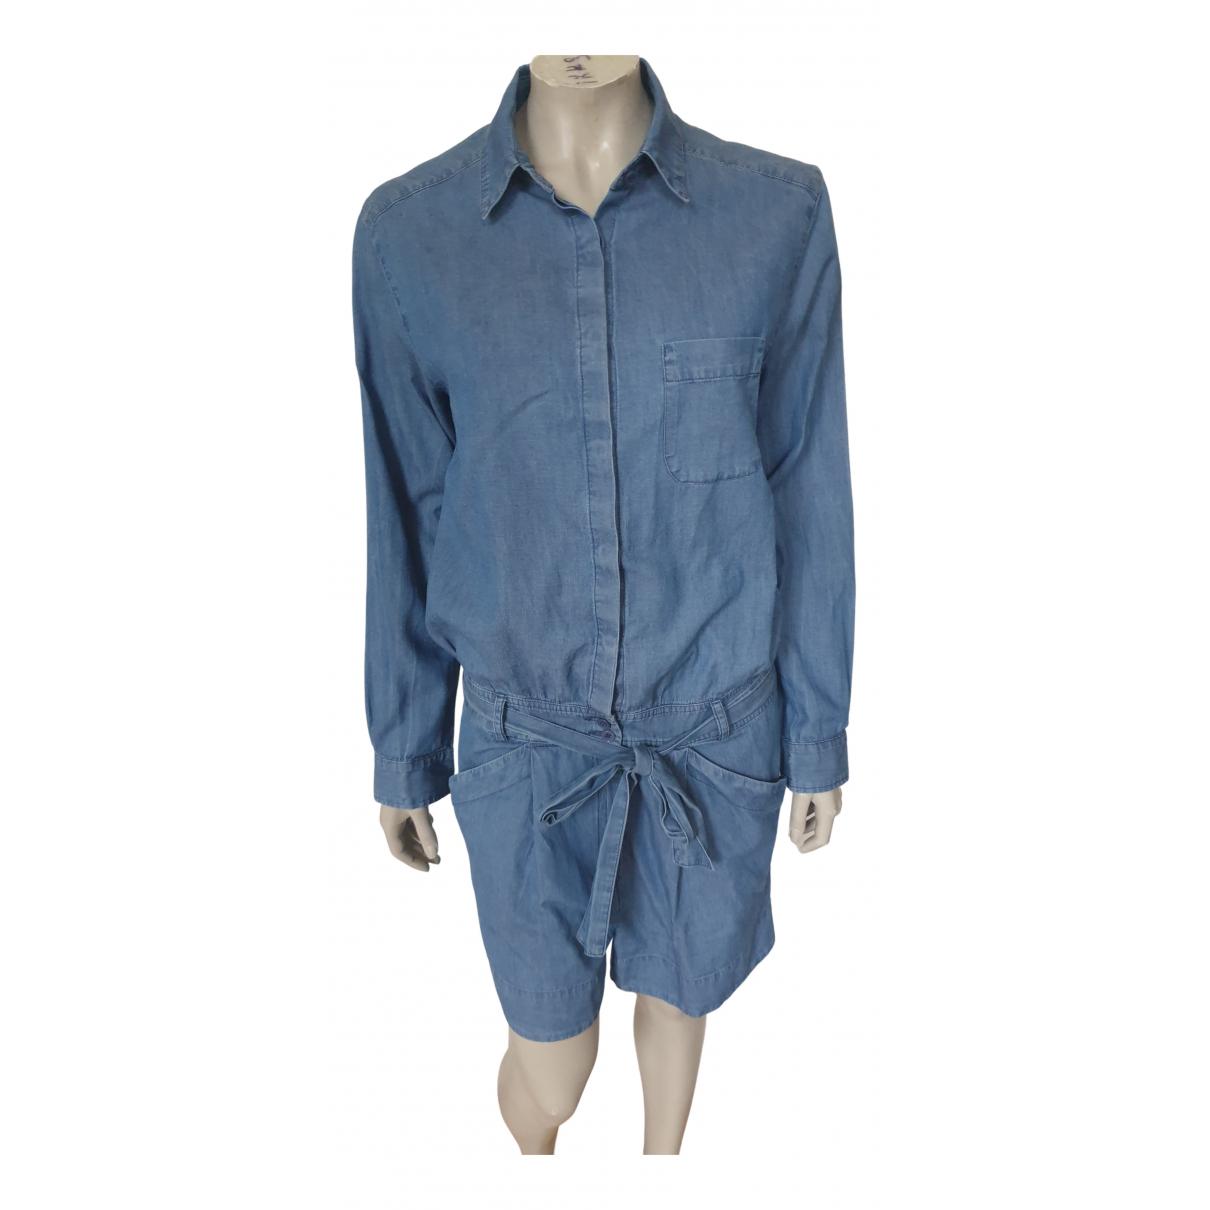 Claudie Pierlot Spring Summer 2019 Blue Cotton jumpsuit for Women 1 0-5